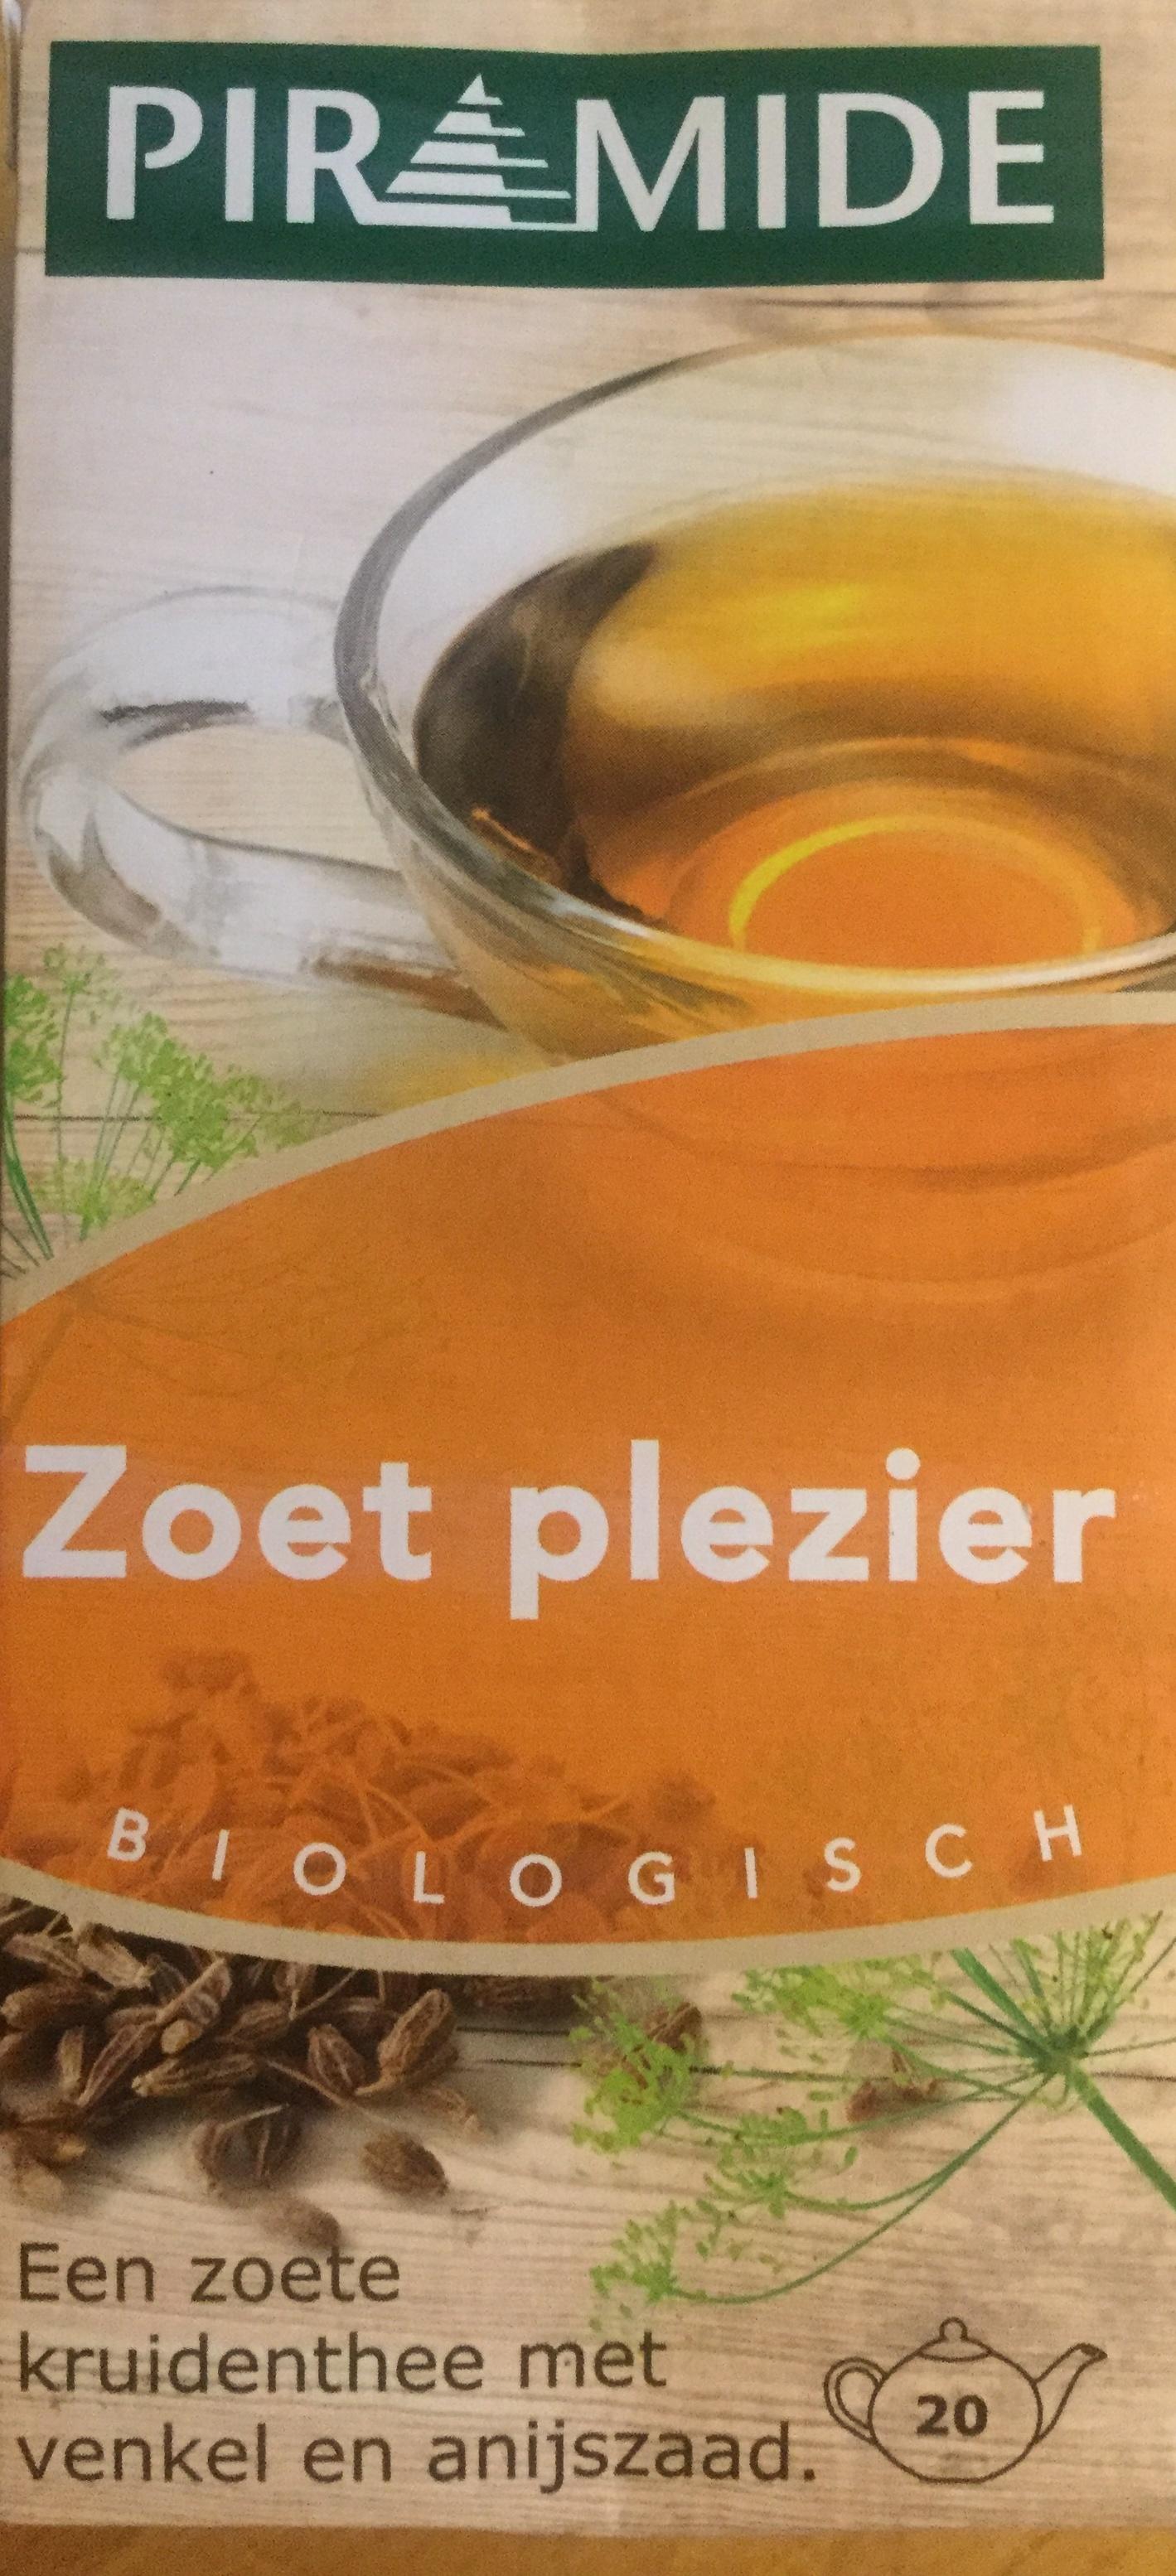 Zoet plezier - Product - nl